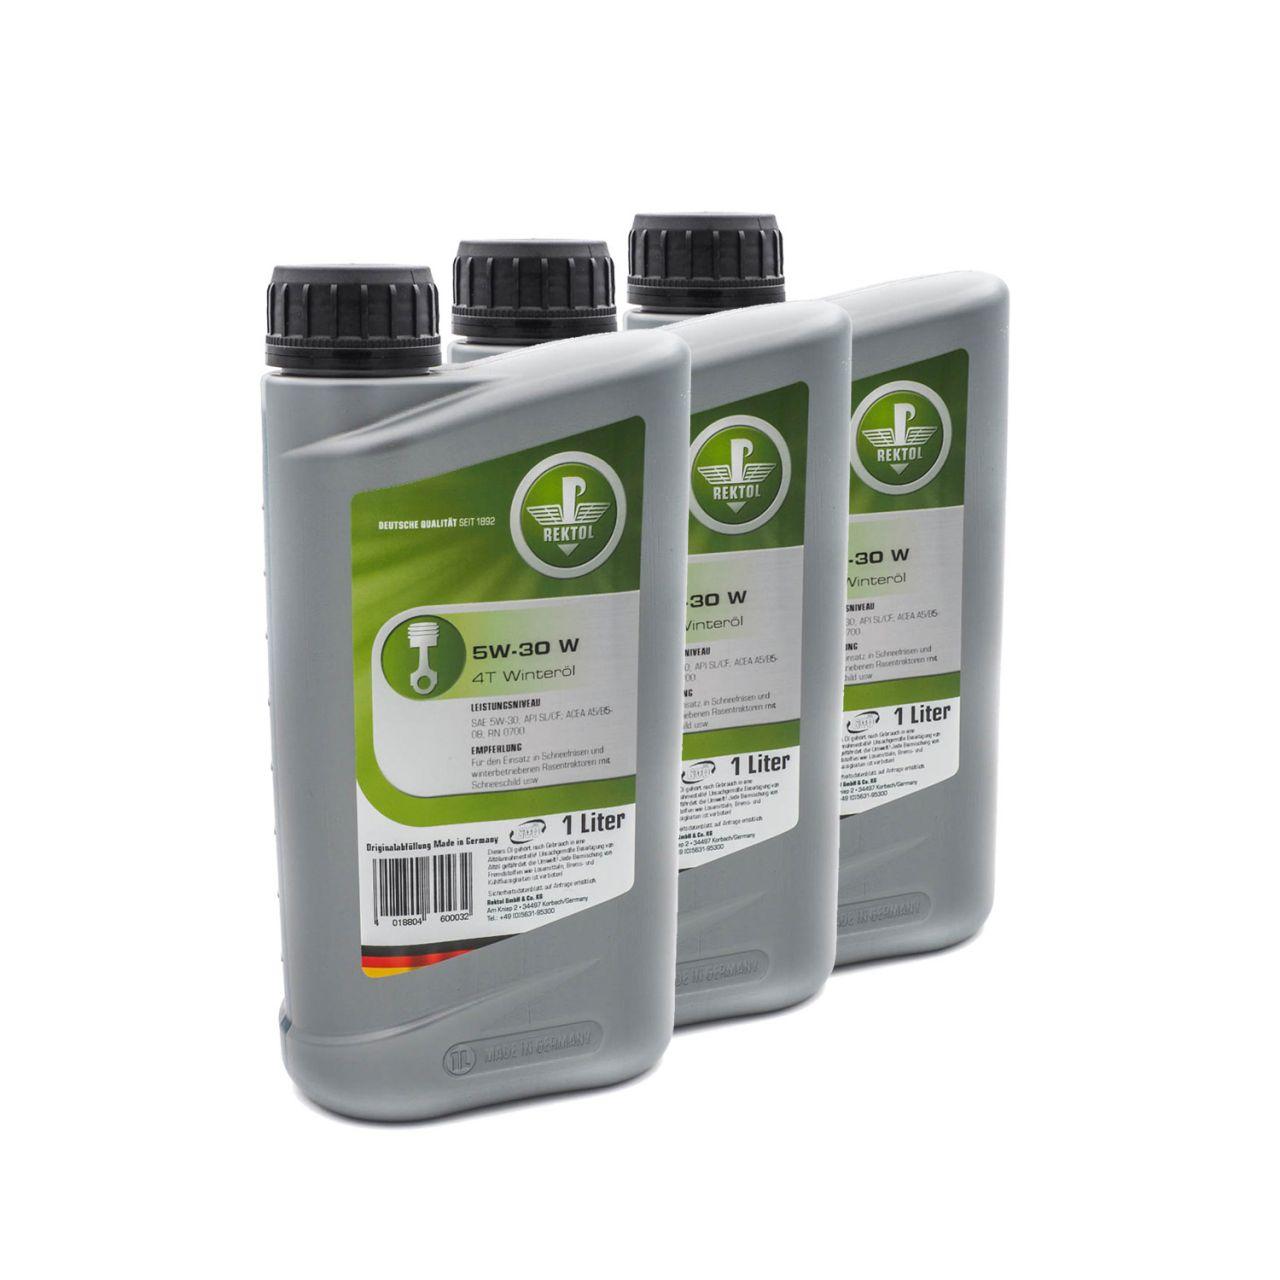 Rektol Winteröl 5W30 W 4T für Schneefräsen und Rasentraktoren (3x 1 Liter) RK_002